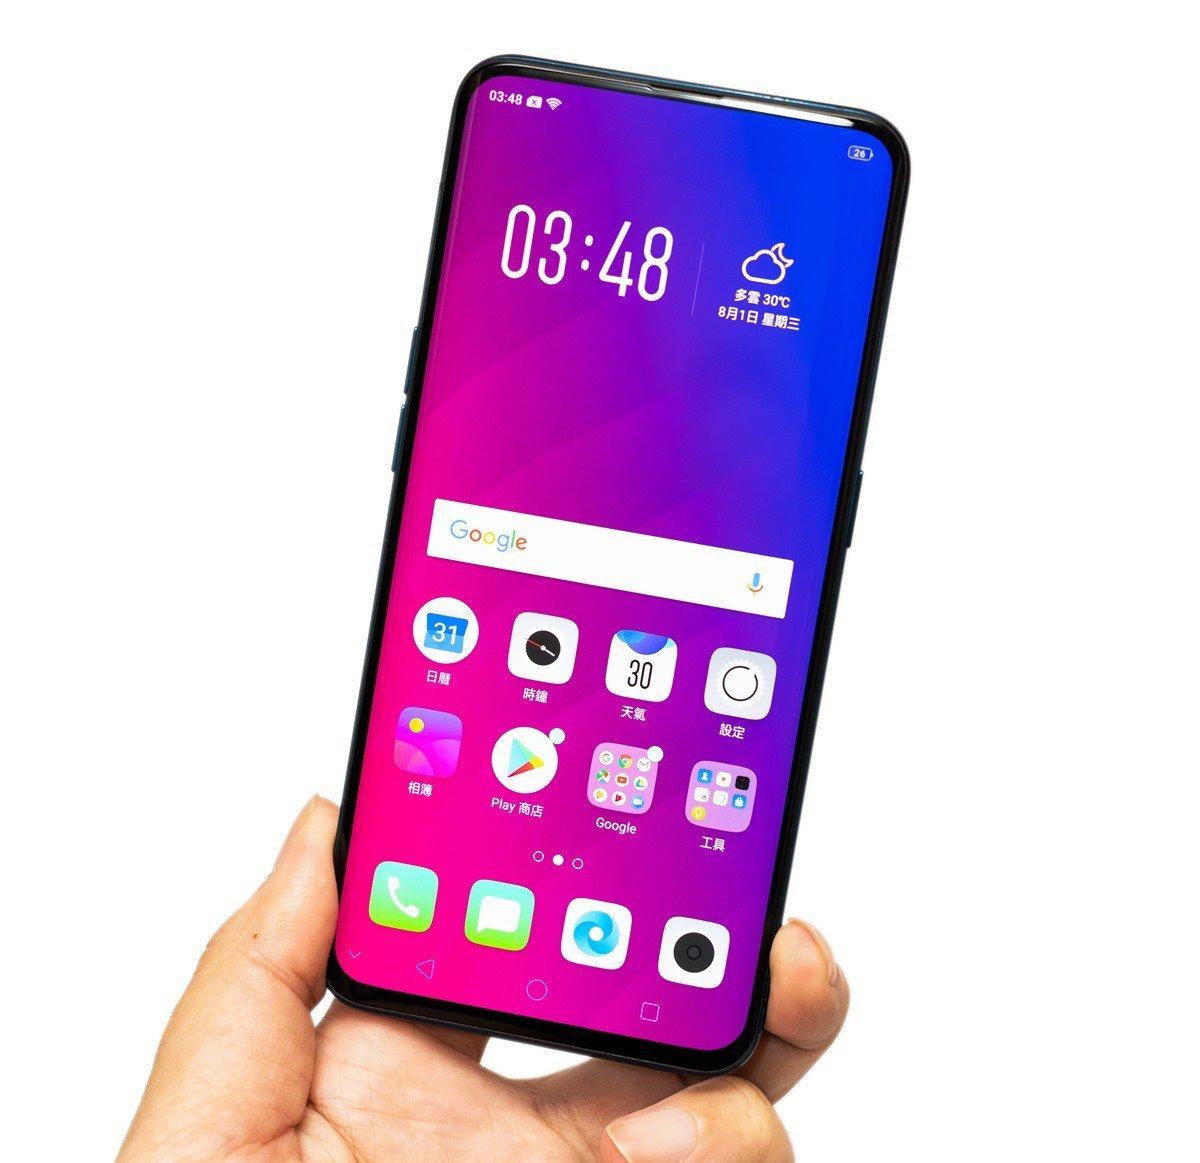 【開箱】市售第一支全螢幕手機 OPPO Find X!